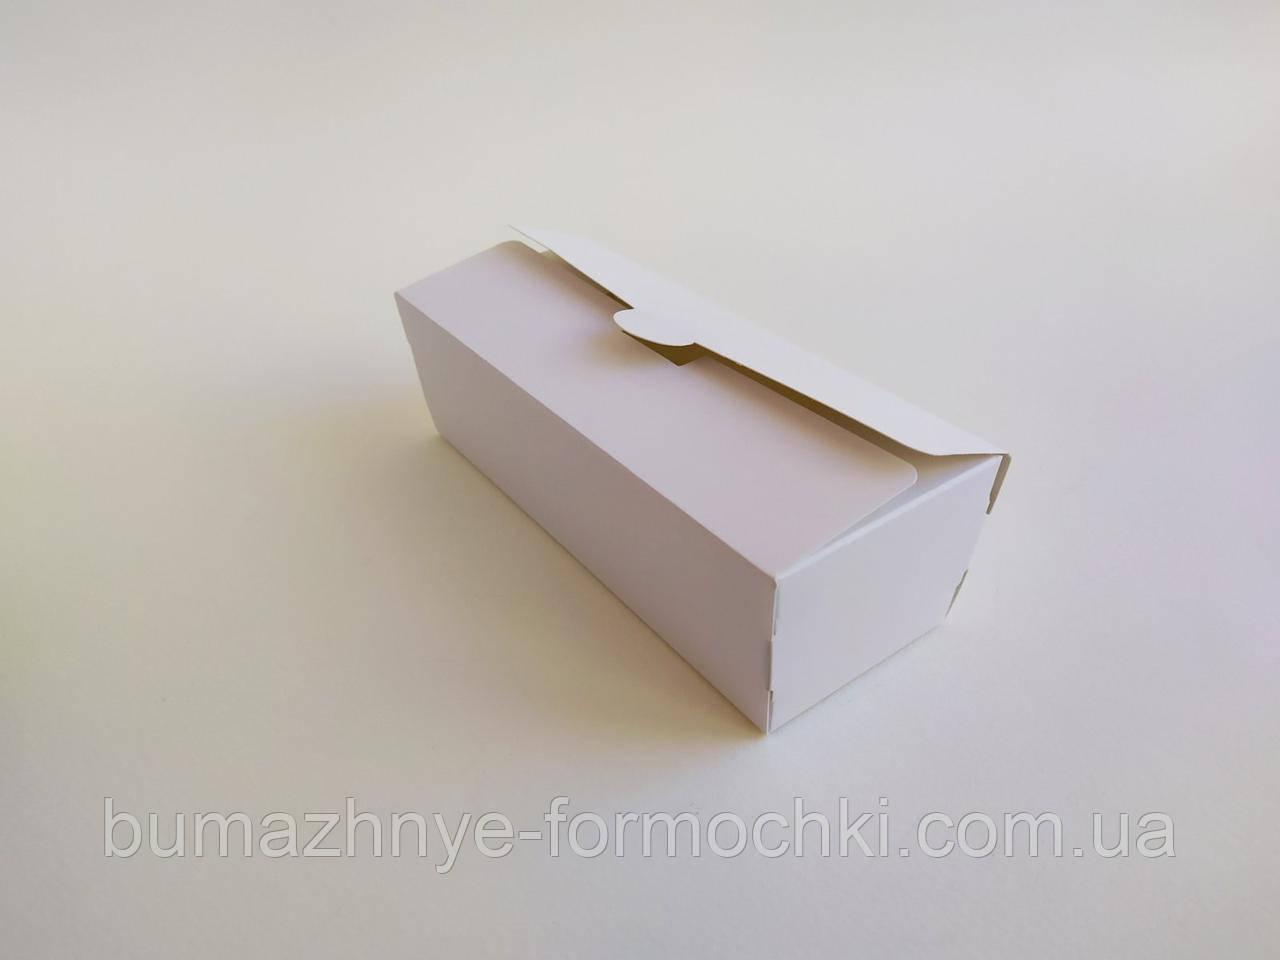 Коробка для макарунс, белая, 160х160х50 мм